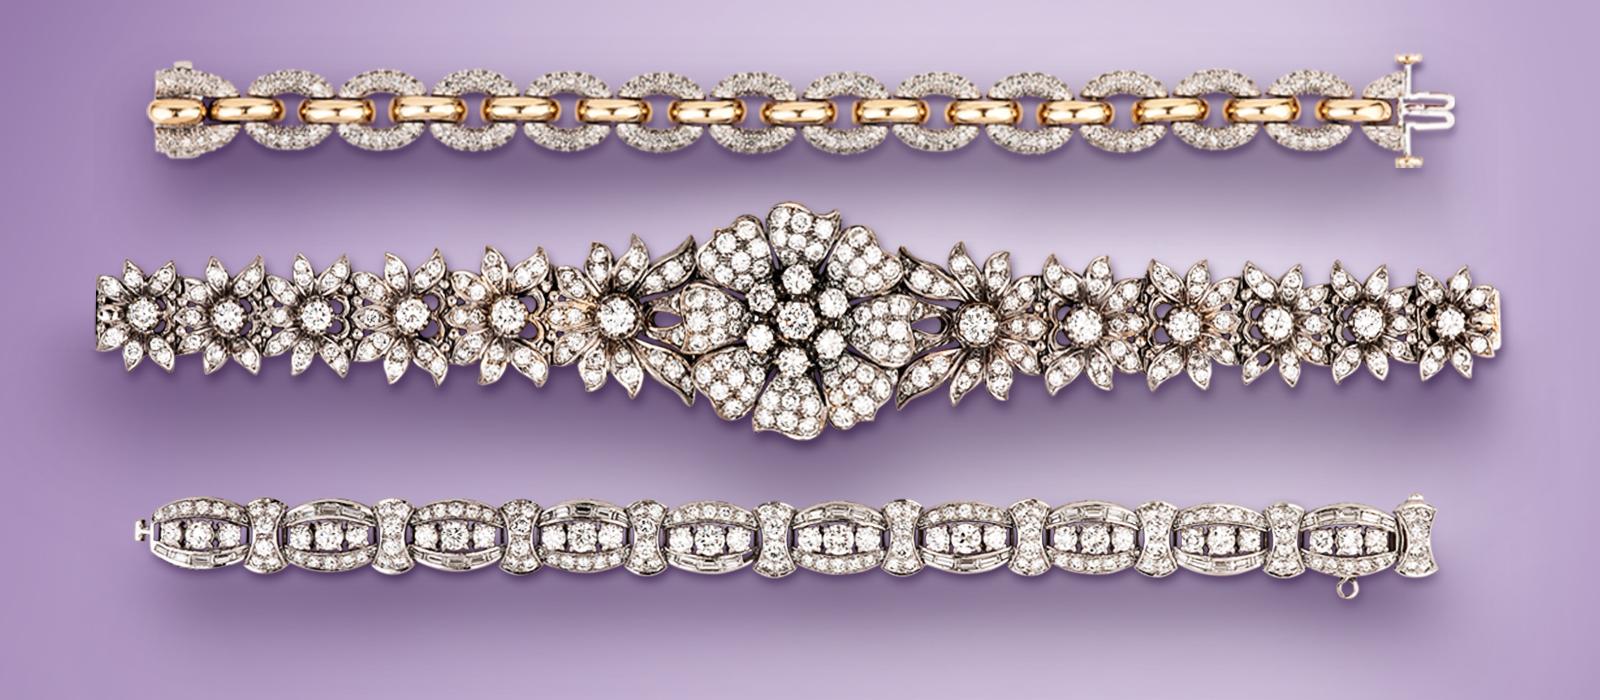 Bracelets 1600x700 Gallery [Diamond Bracelets].jpg